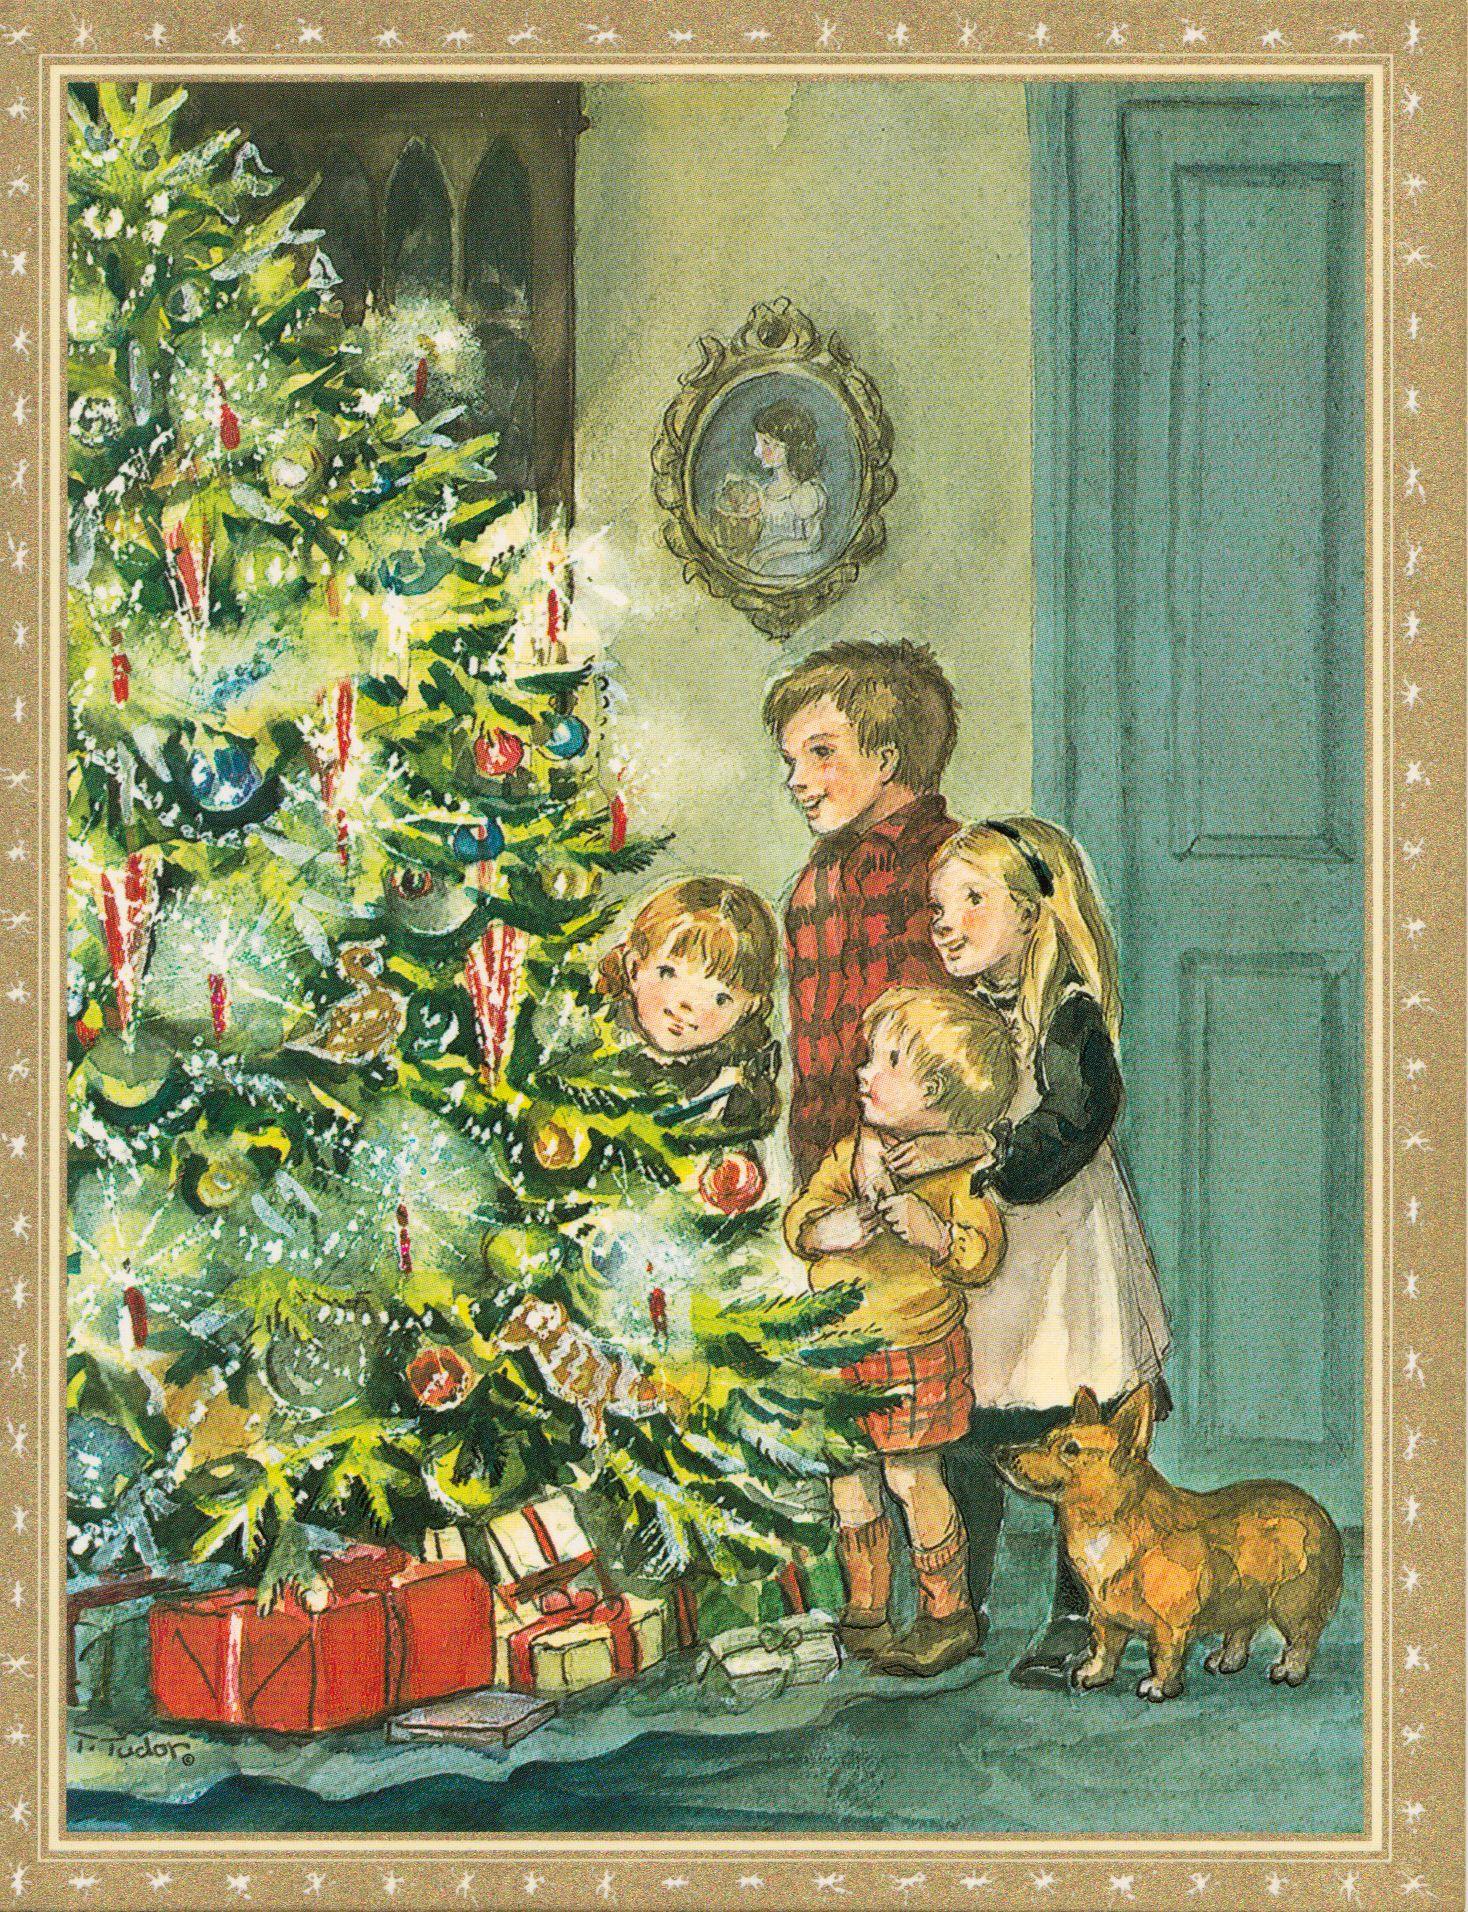 caspari single rare card christmas eve caspari_rare_single_card_christmas_eve_447374375 - Caspari Christmas Cards